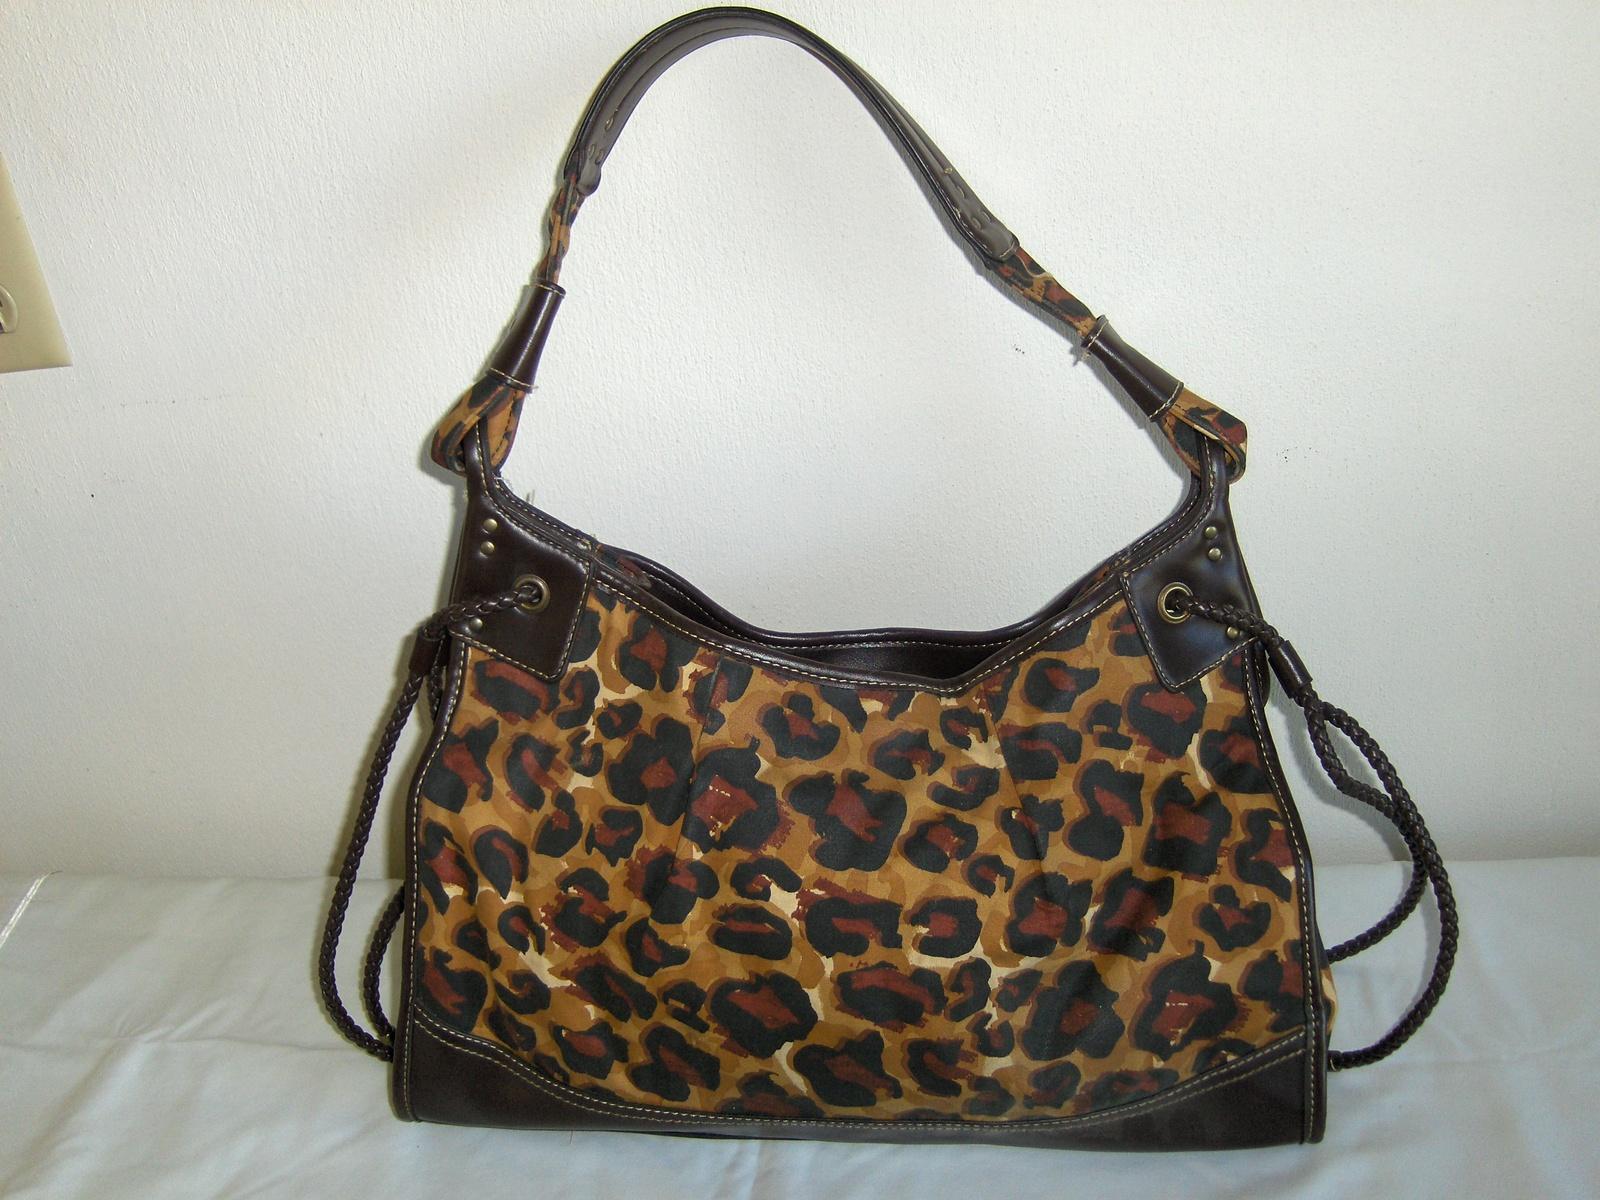 5b3b2677f1 Franco Sarto Hobo Bag Animal Print Purse Tote Shoulder Hand Bag Black and  Brown - $19.97